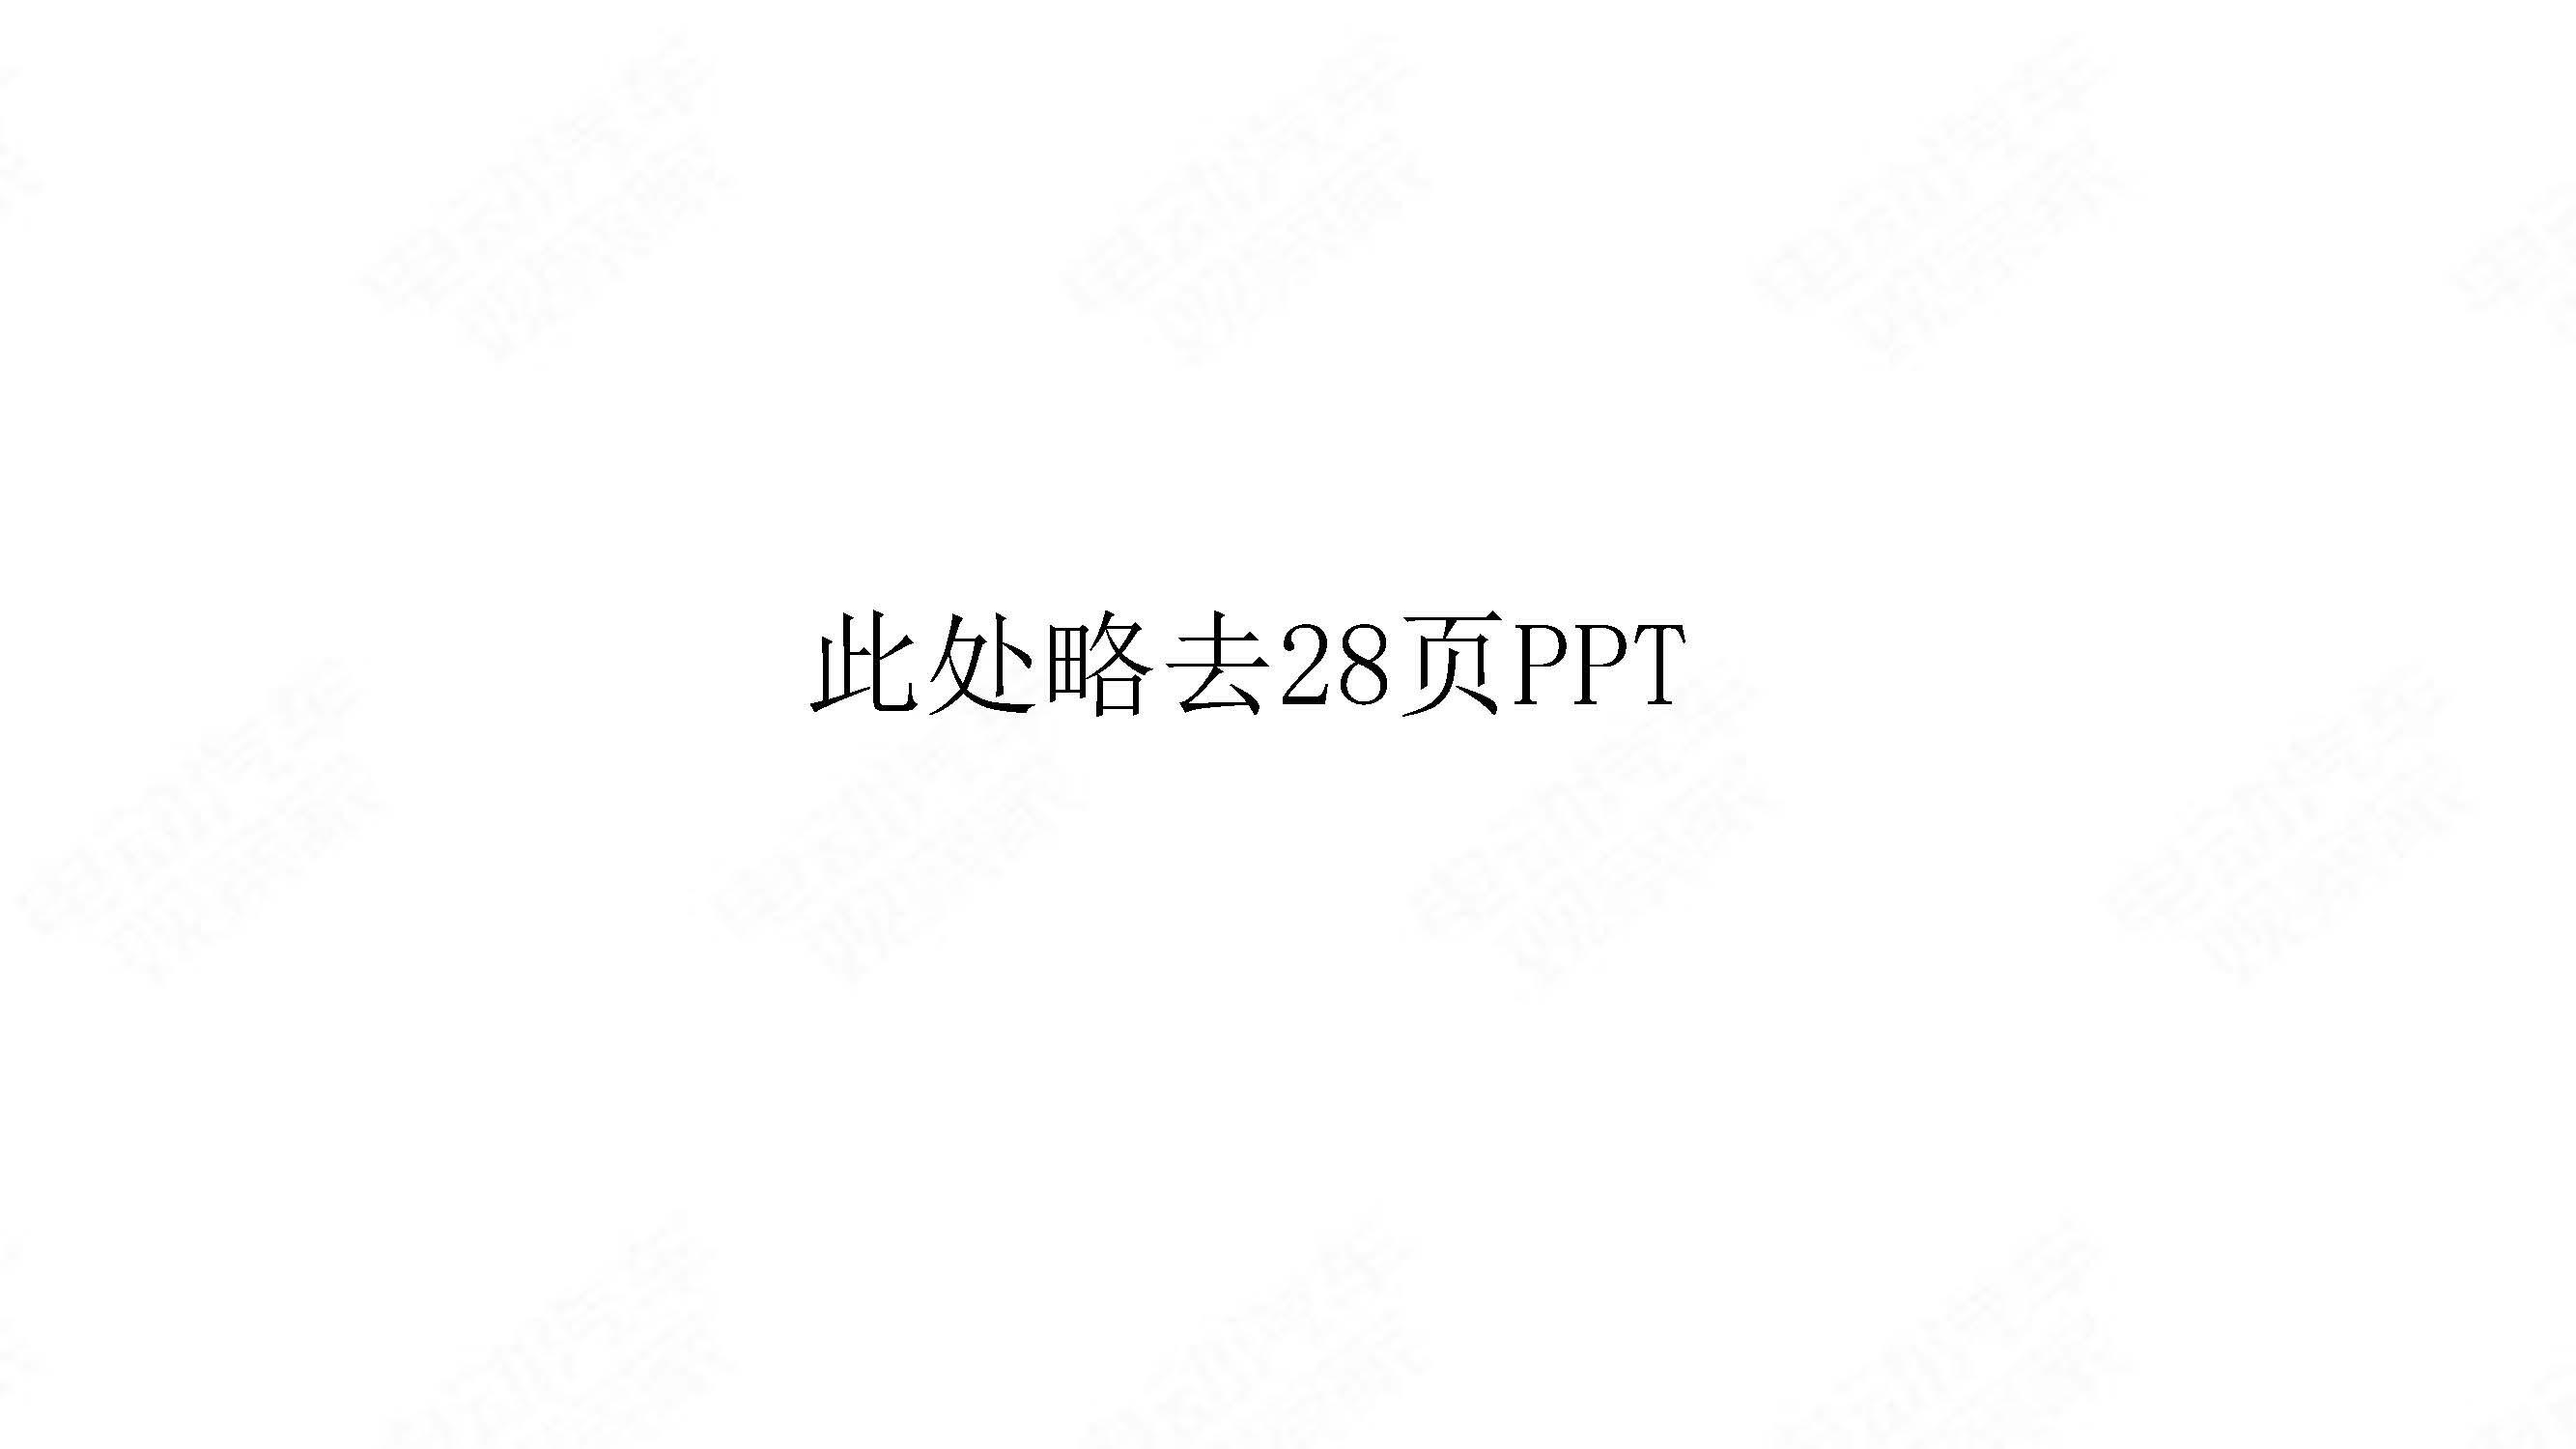 中国新能源汽车产业观察202001简略版_页面_16